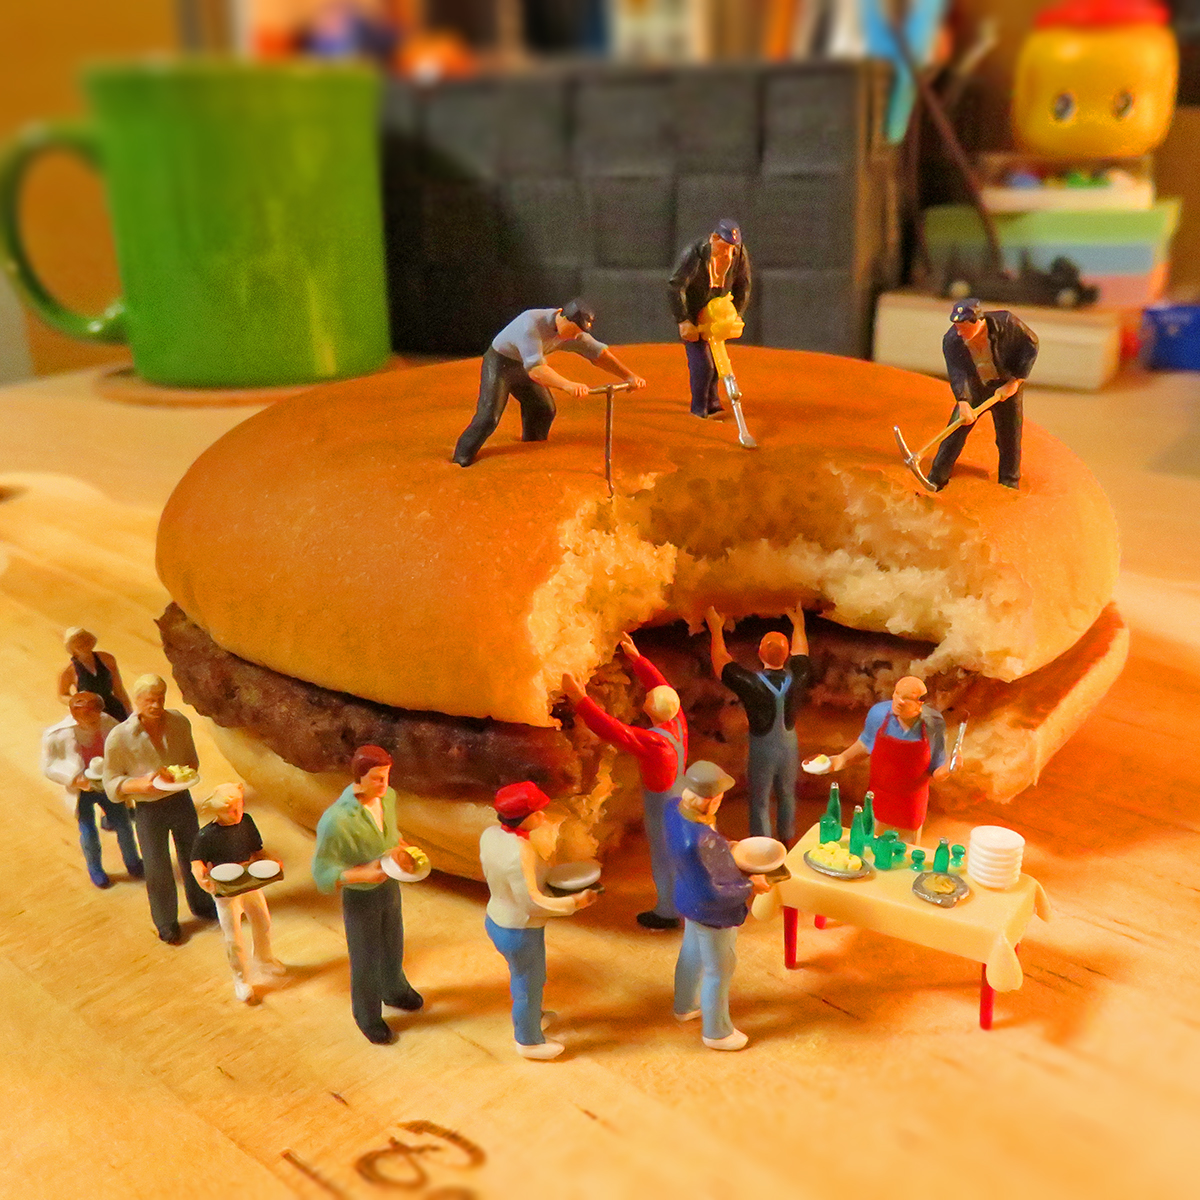 7月20日はハンバーガーの日!マクドナルドの巨大ハンバーガーを食べたくて行列になる人達